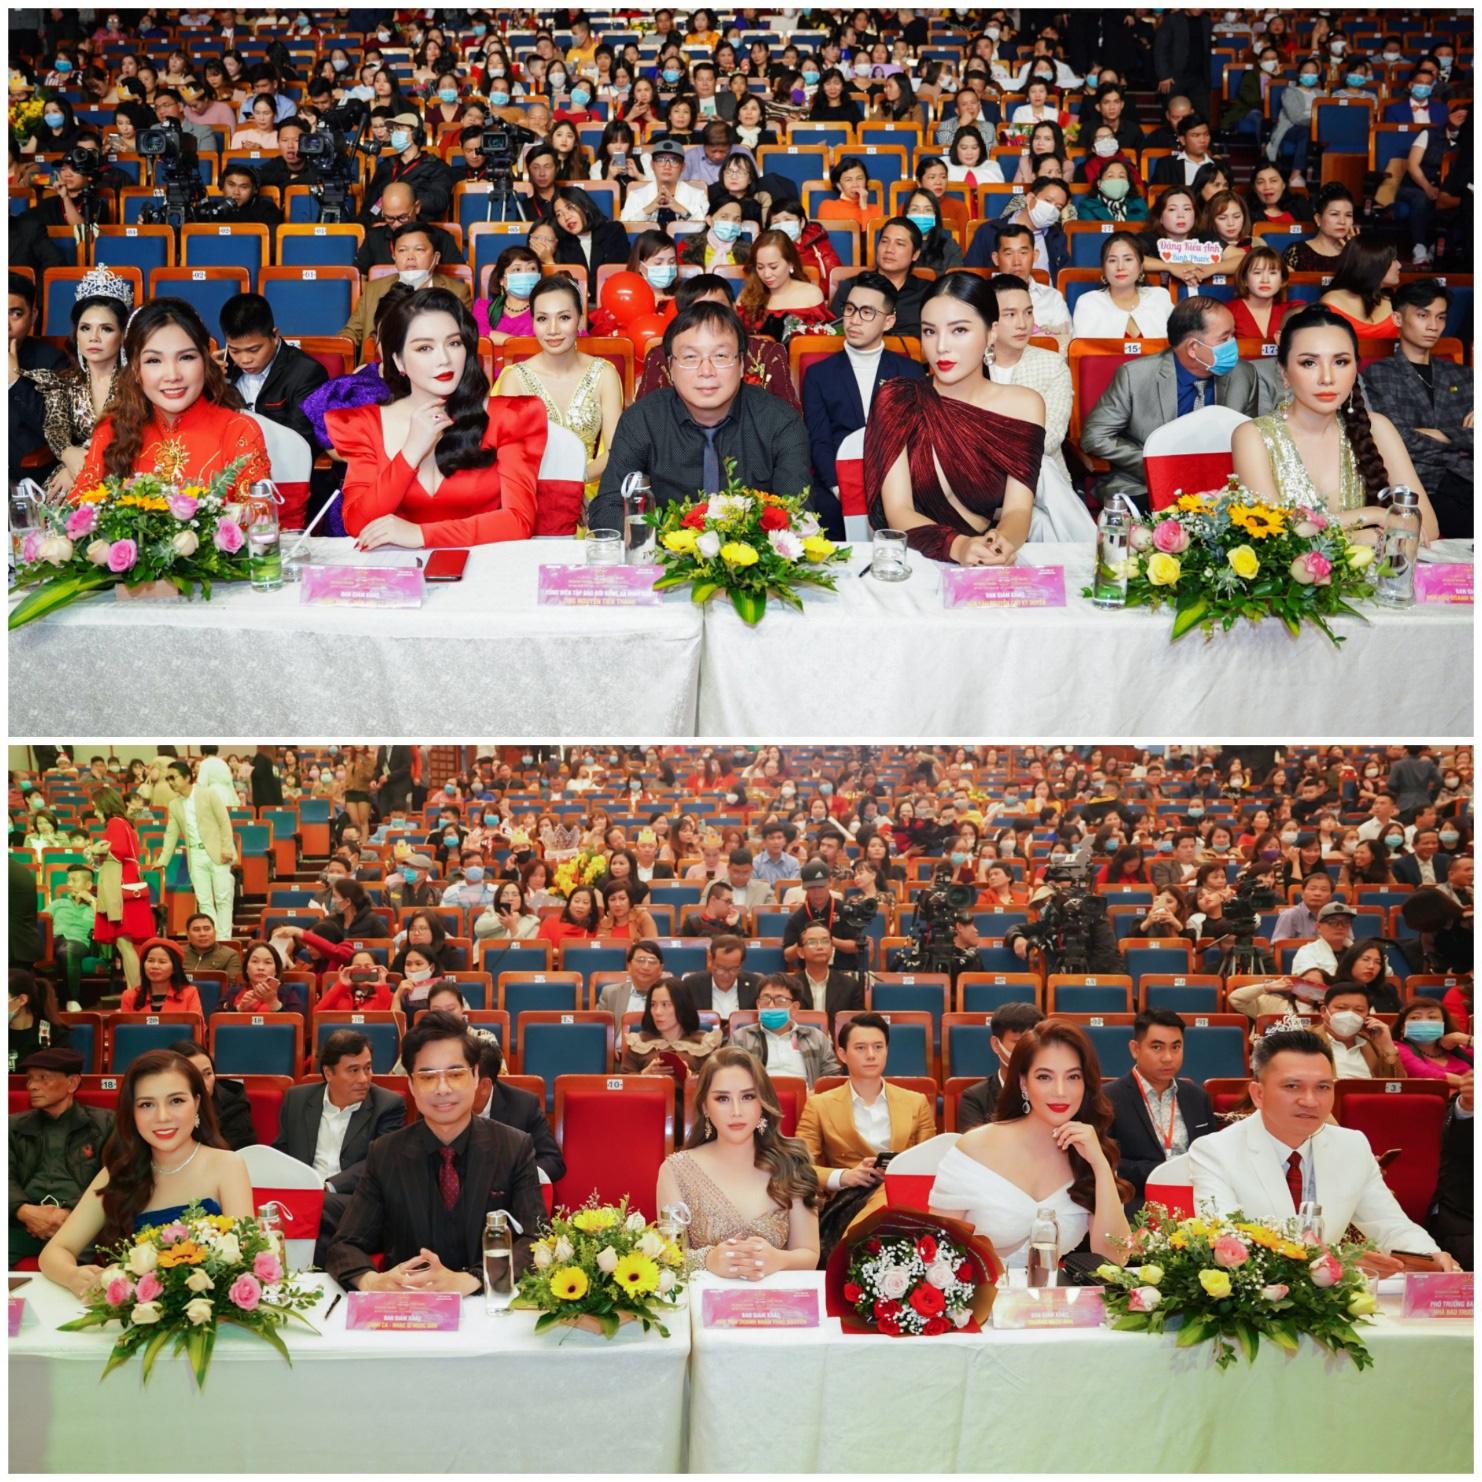 Doanh nhân Vũ Thị Ngọc Anh đăng quang Hoa hậu Doanh nhân Việt Nam Toàn cầu 2020 - Ảnh 2.